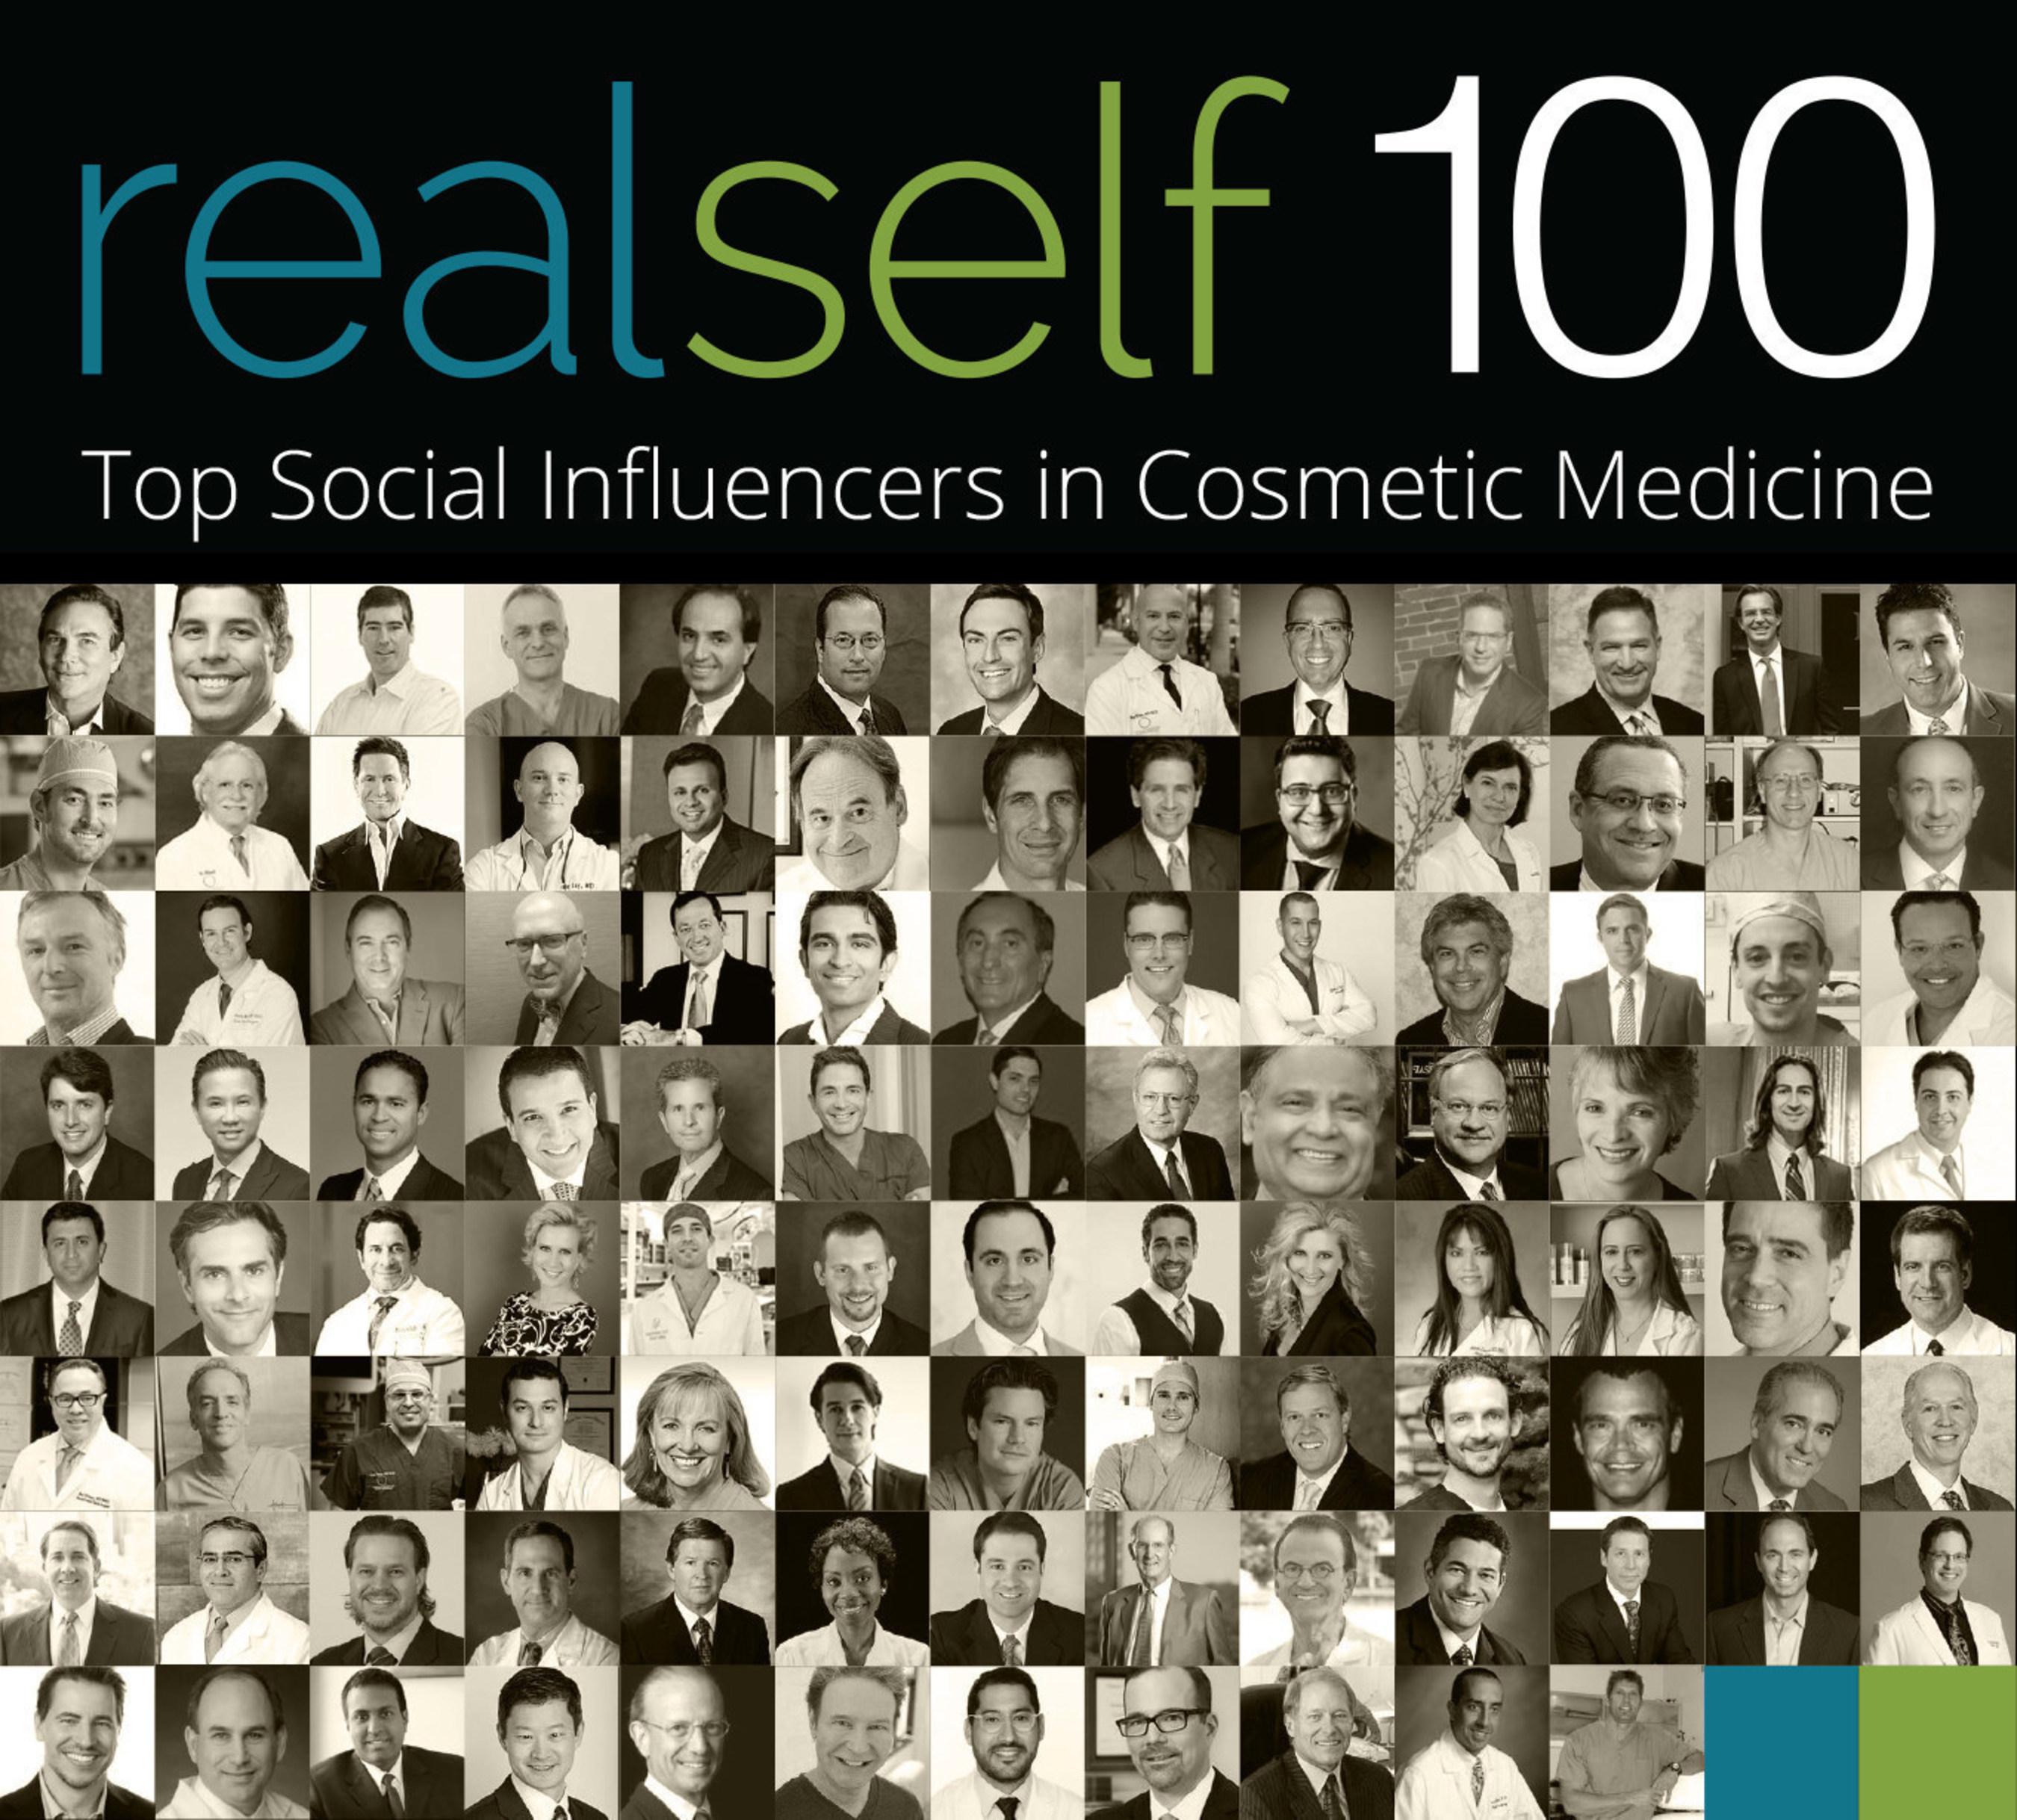 www.realself.com/rs100